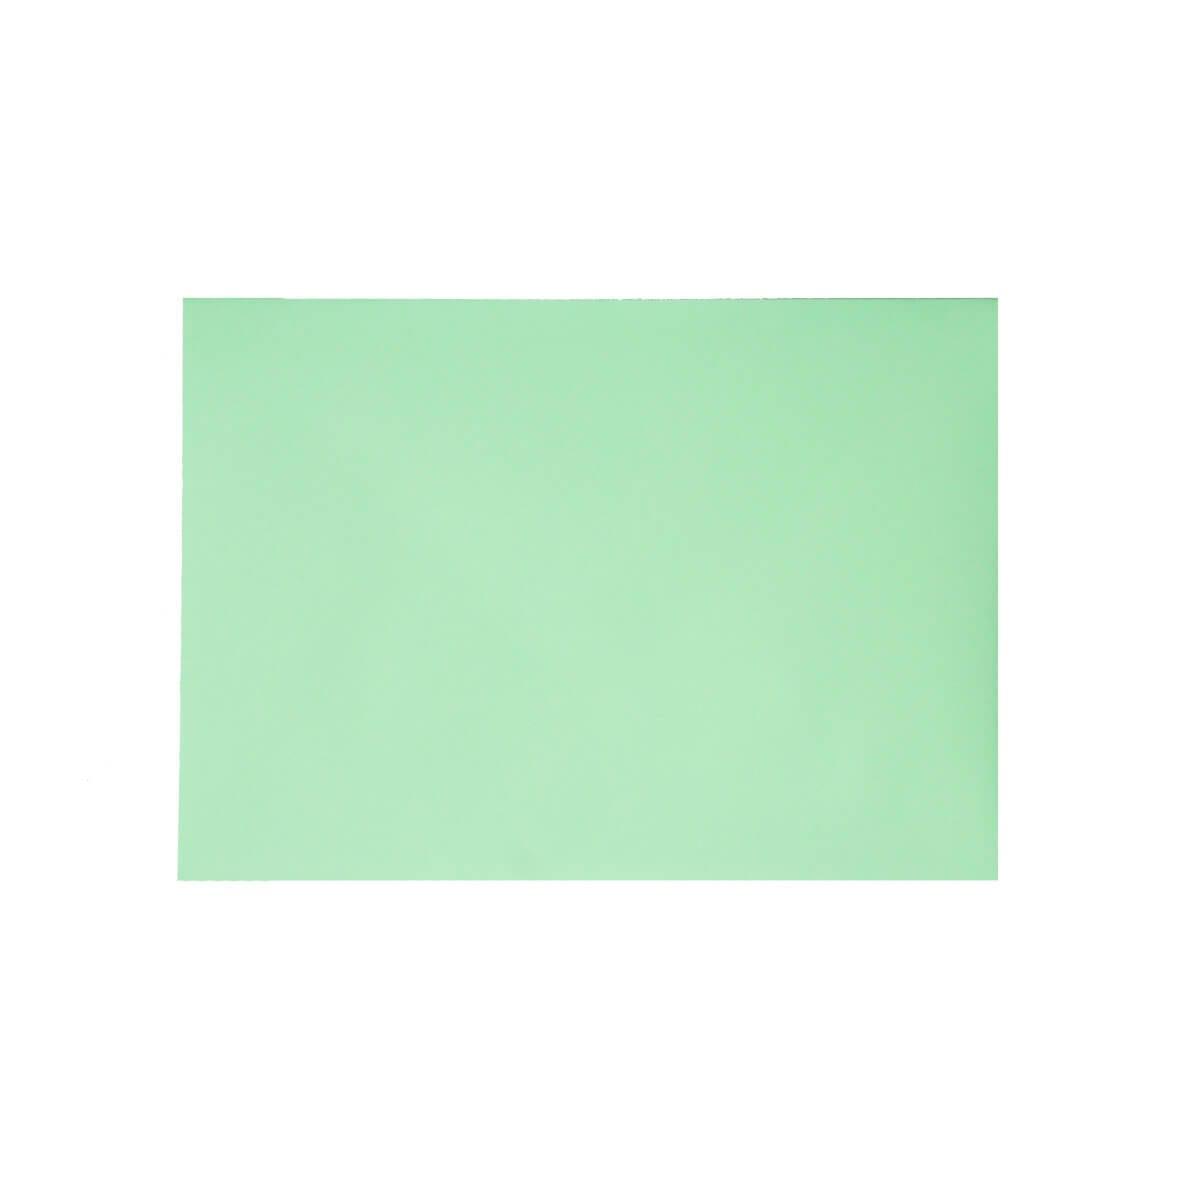 PALE GREEN 125 x 175mm ENVELOPES